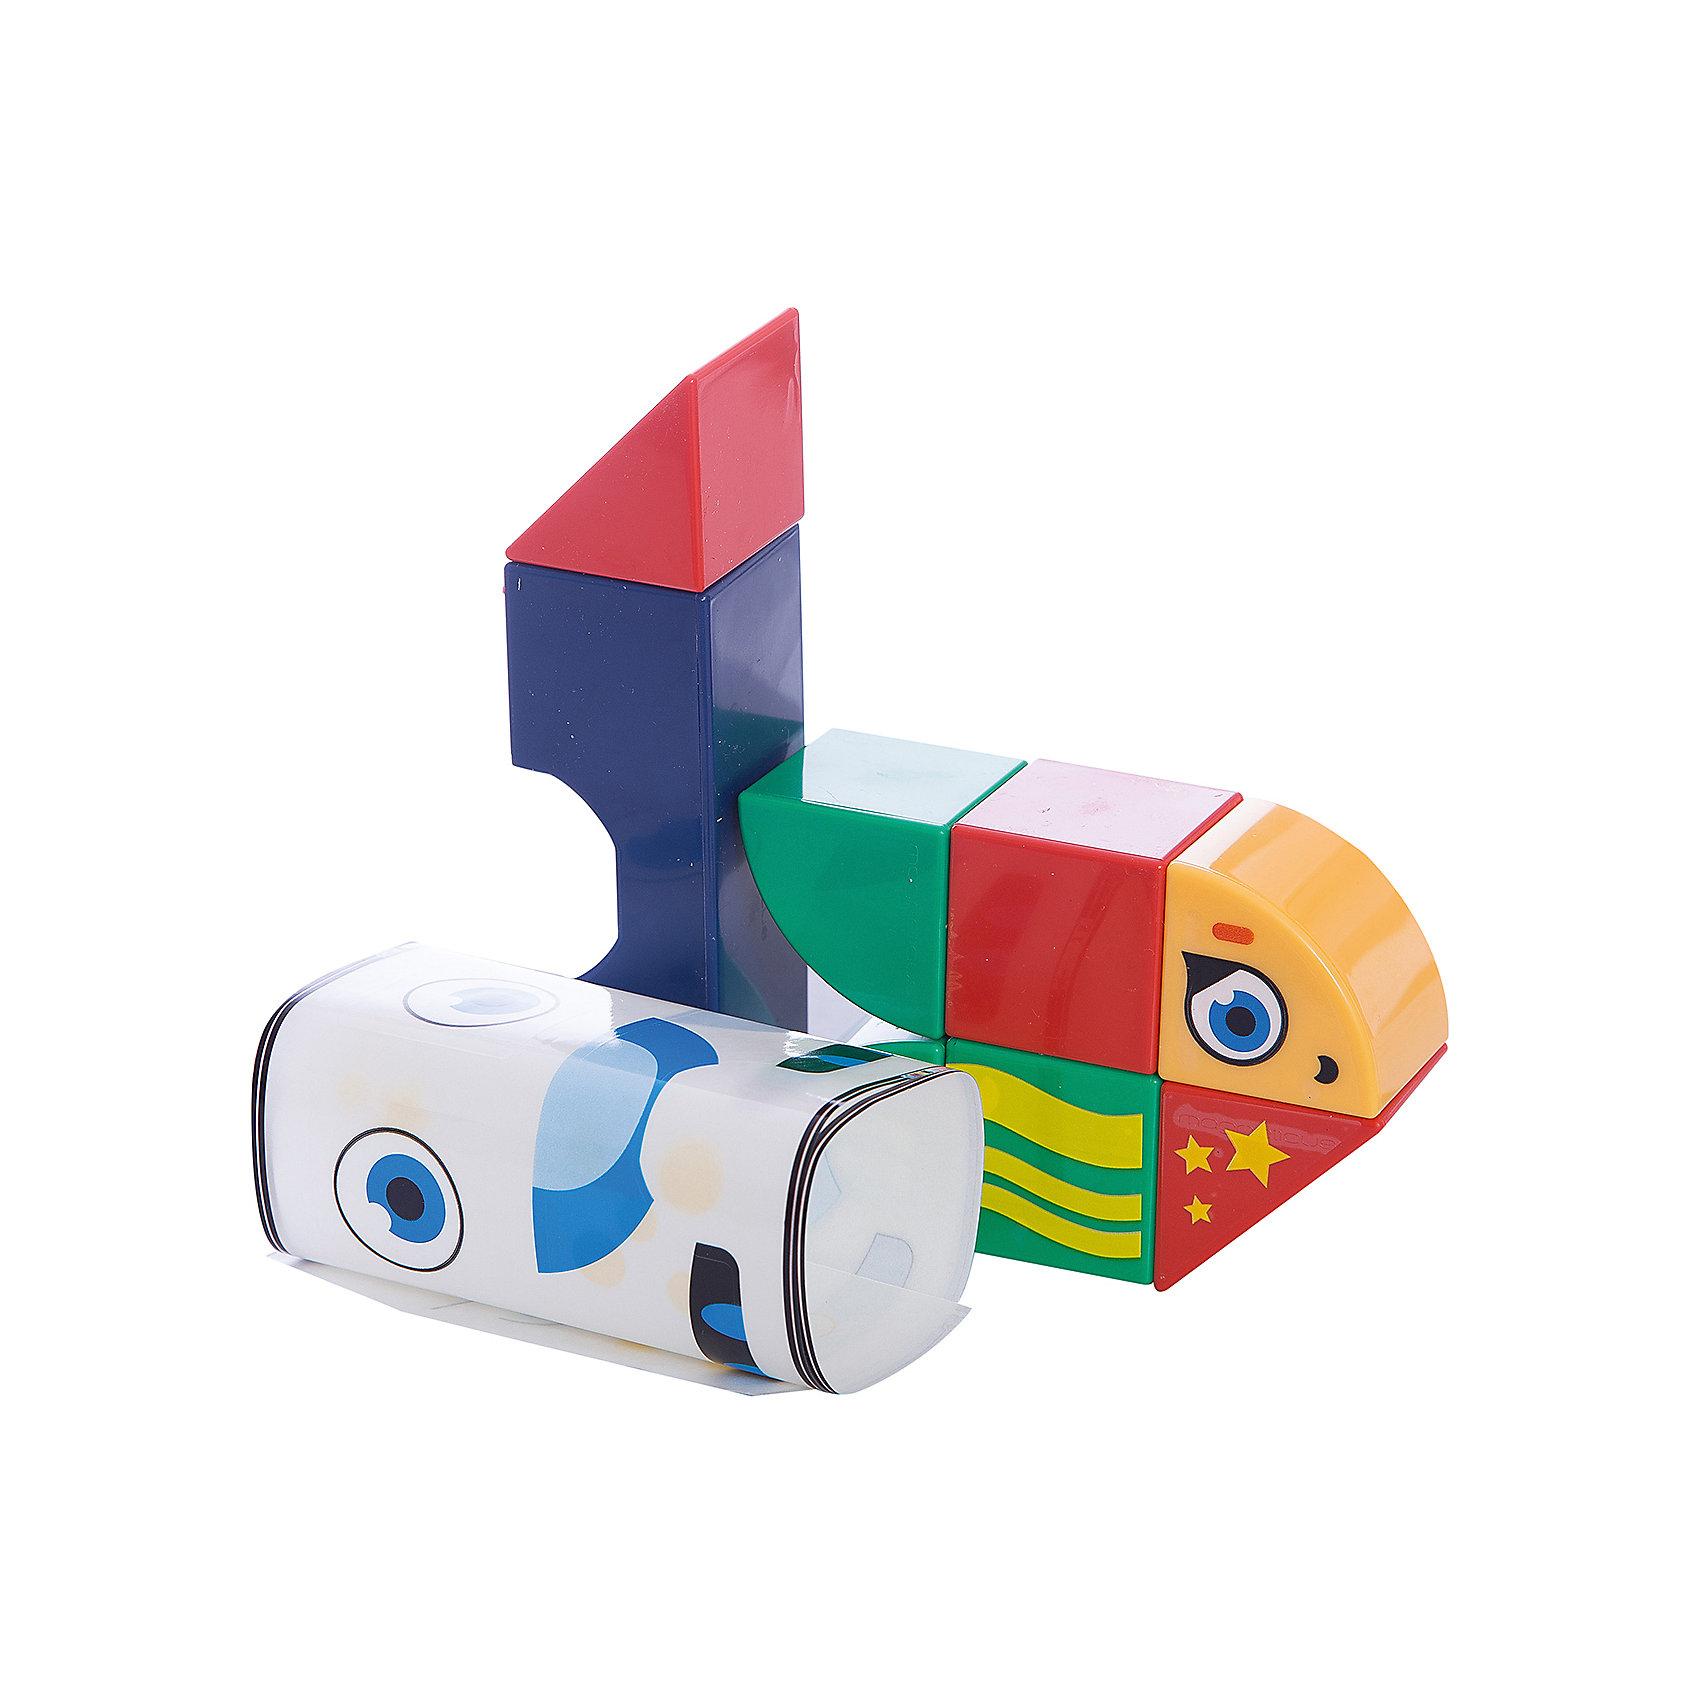 Магнитные кубики ДжунглиКубики<br>Характеристики:<br><br>• количество кубиков в наборе Magneticus: 8 шт.;<br>• магниты встроены в грани кубиков;<br>• материал: металл, полимерное покрытие;<br>• размер упаковки: 23х24х5 см;<br>• вес: 360 г.<br><br>Магнитные кубики помогают развить моторику рук, цветовосприятие и фантазию. Кубики представлены в 4-х цветах. Из 8 кубиков можно построить объемные фигурки животных, а также домики, башни и крепости. В грани кубиков встроены магниты, поэтому собранные фигуры не рассыпаются во время игры. <br><br>Магнитные кубики Джунгли можно купить в нашем магазине.<br><br>Ширина мм: 235<br>Глубина мм: 50<br>Высота мм: 240<br>Вес г: 350<br>Возраст от месяцев: 36<br>Возраст до месяцев: 84<br>Пол: Унисекс<br>Возраст: Детский<br>SKU: 5238557